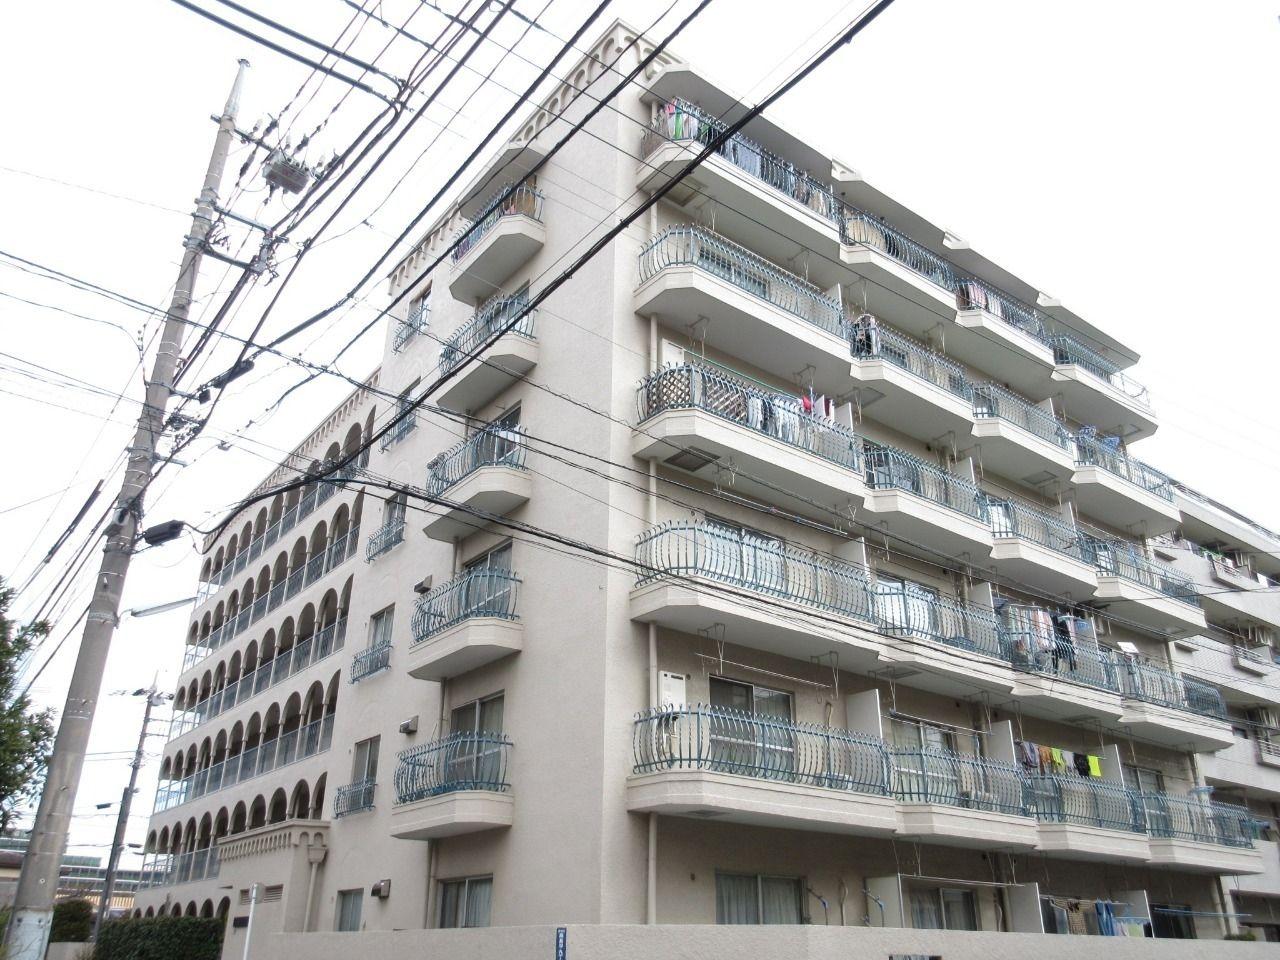 みなさまこんにちは。 板橋区高島平の分譲賃貸マンション【集成第二マンション 306号室】を藤ホーム地所株式会社の遠藤がご紹介いたします。